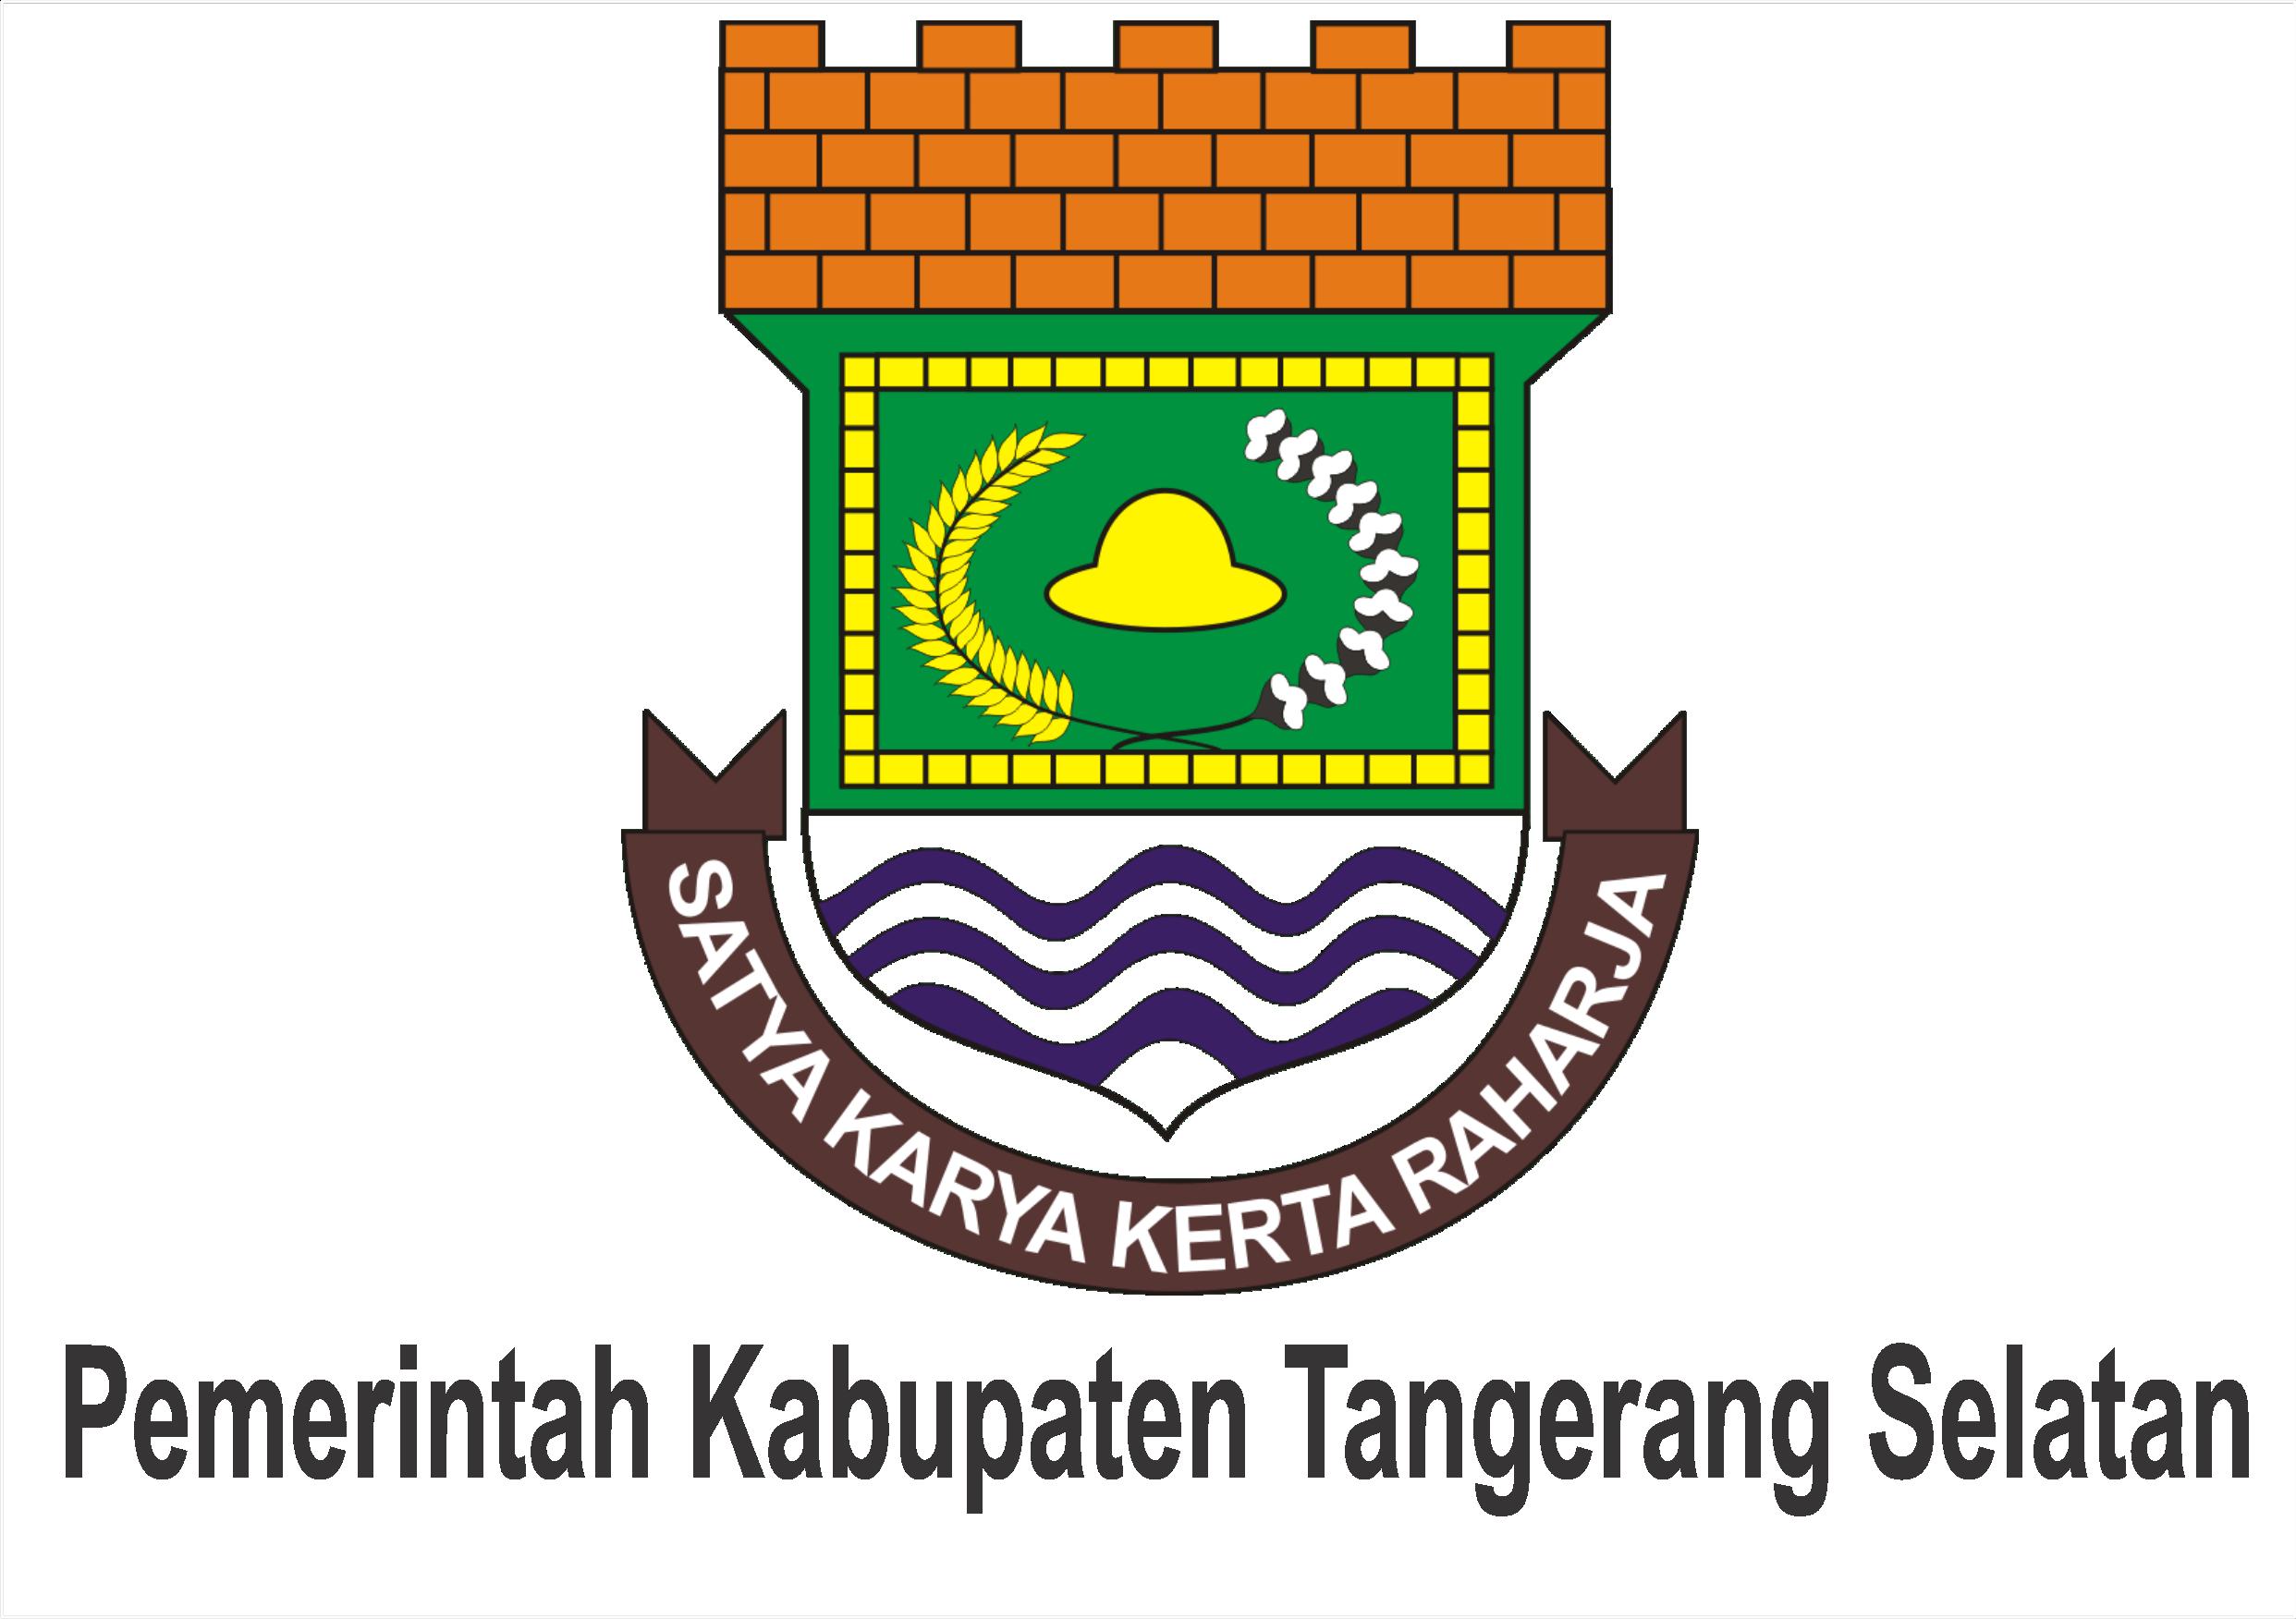 Pemerintah Kabupaten Tangerang Selatan